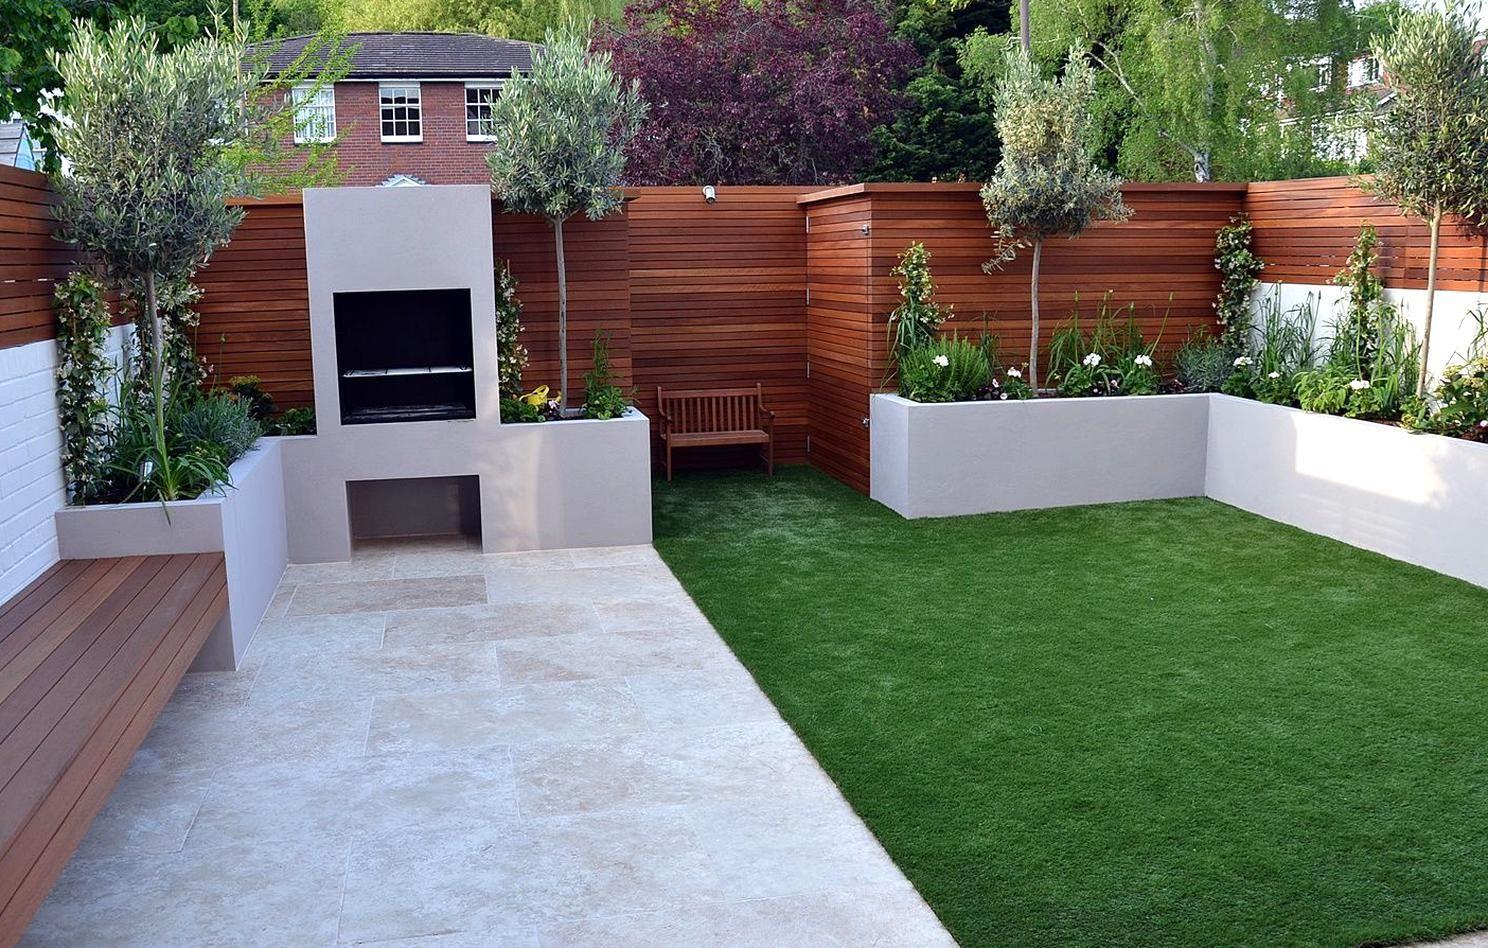 Contemporary Garden Design Ideas Balham Clapham Dulwich Peckham Forest Hill Battersea In 2020 Modern Garden Landscaping Contemporary Garden Design Modern Garden Design